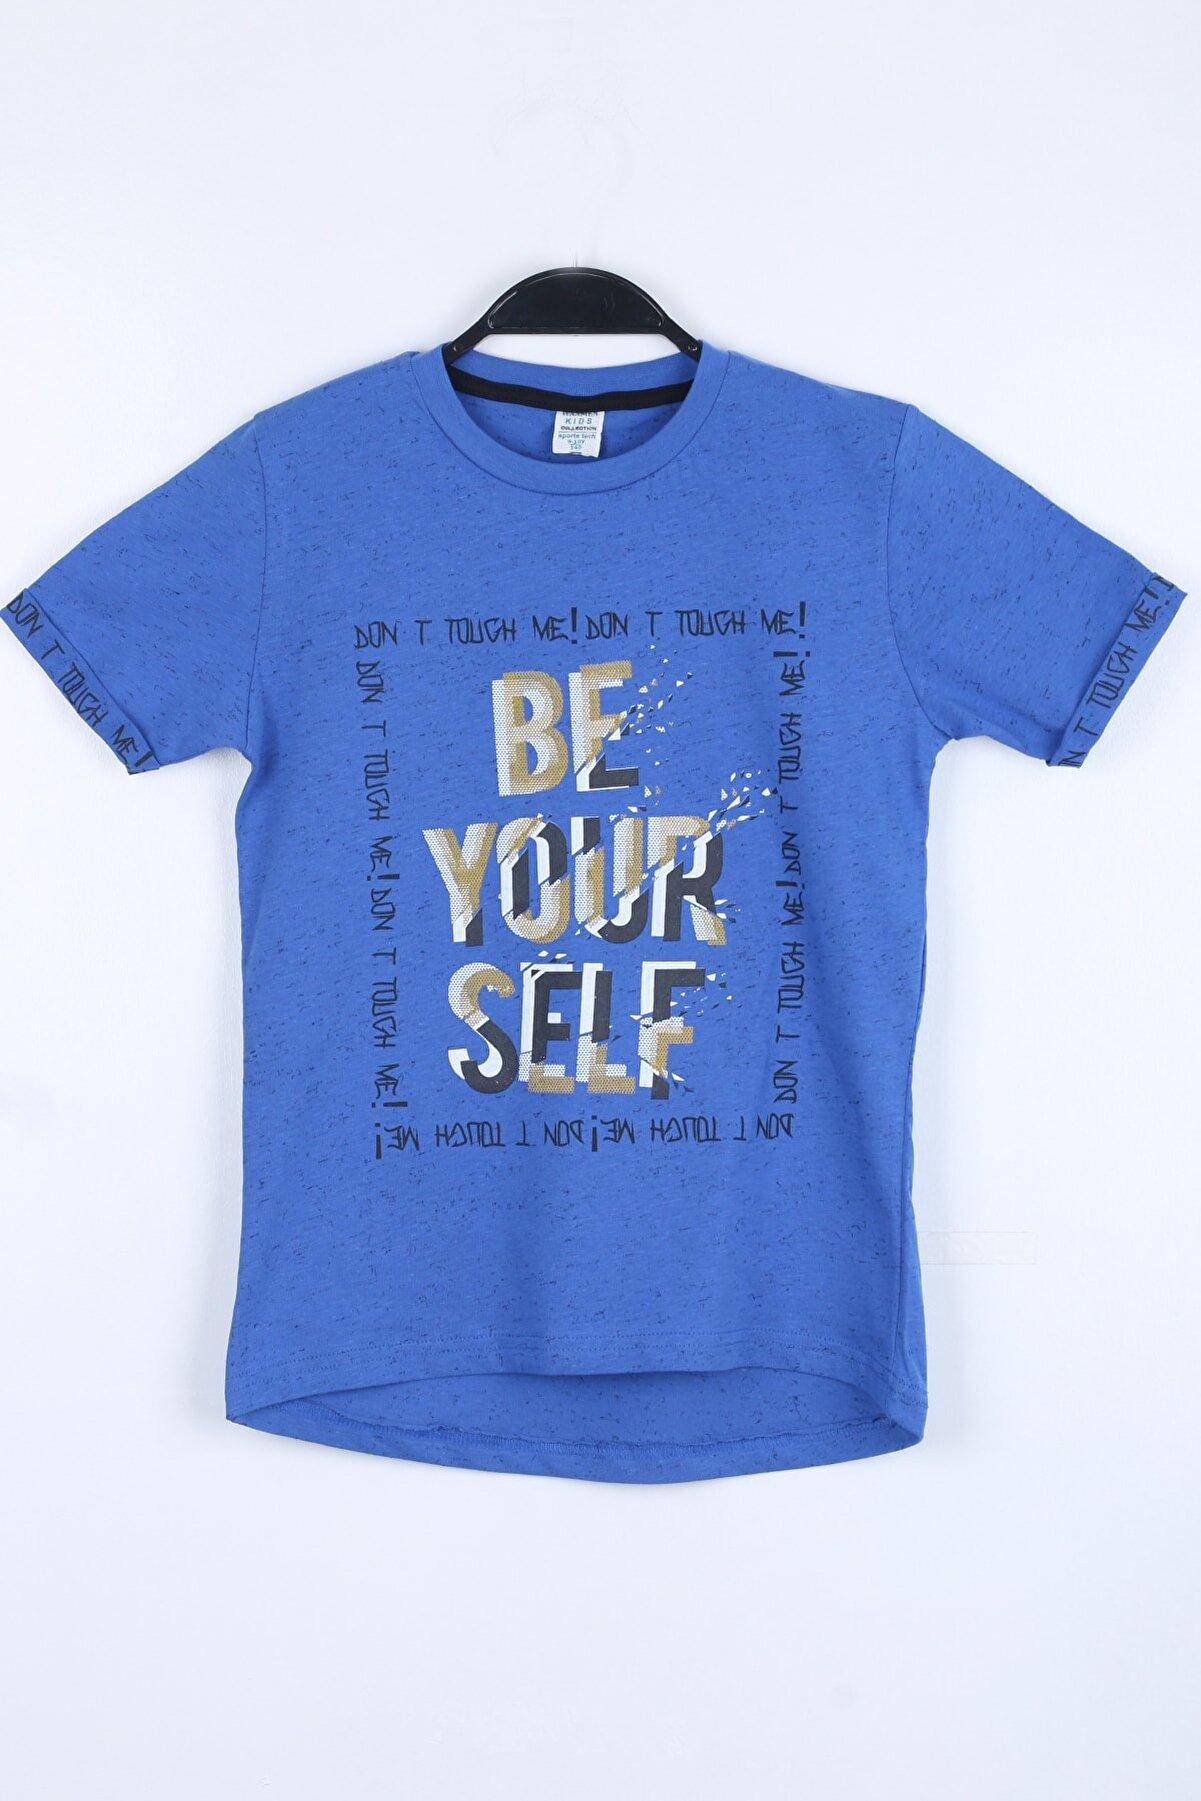 Enisena Erkek Çocuk Sax Kılcıllı Baskılı T-shirt